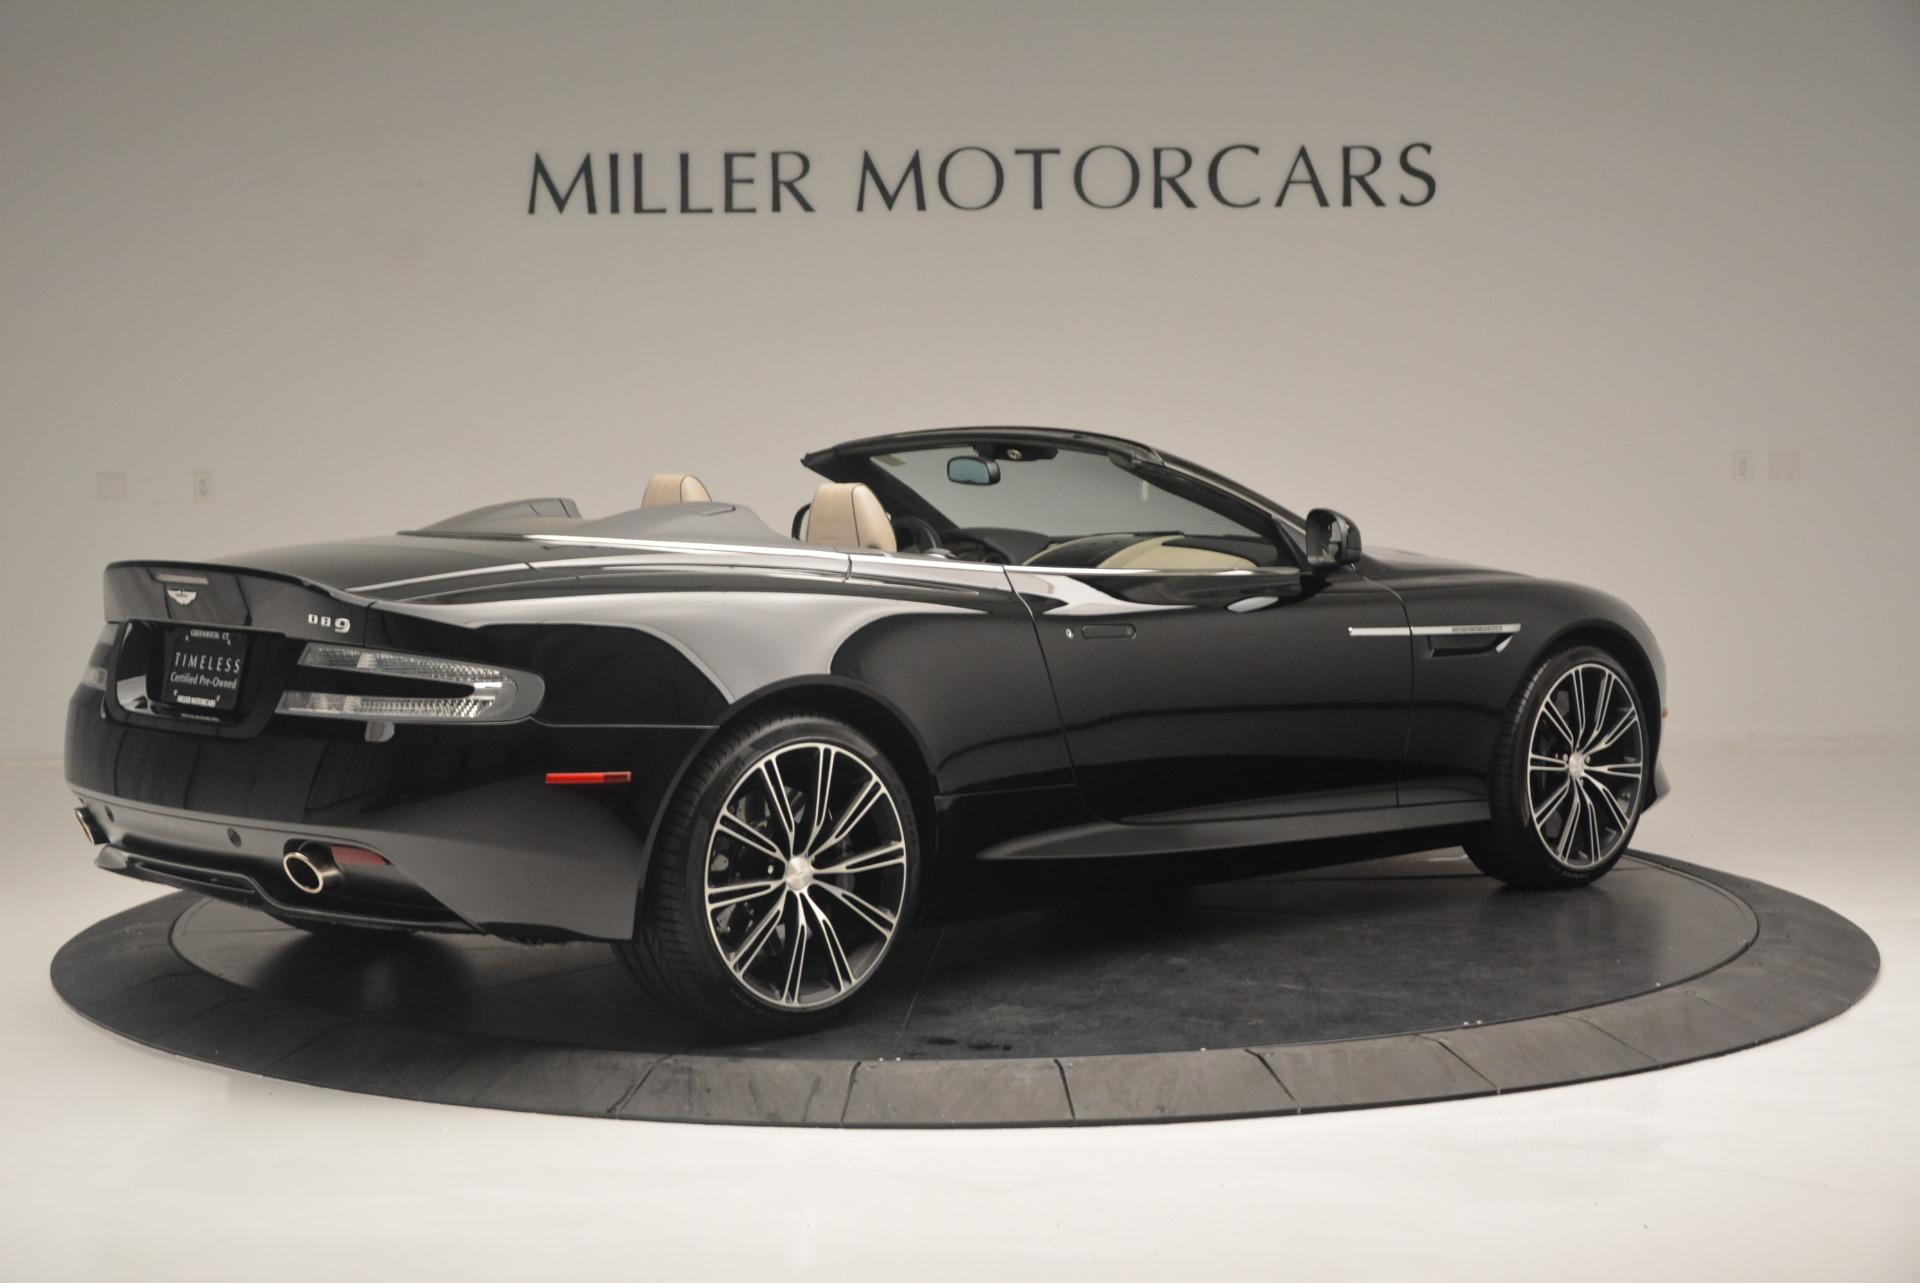 Used 2015 Aston Martin DB9 Volante For Sale In Greenwich, CT. Alfa Romeo of Greenwich, 7389 2318_p8